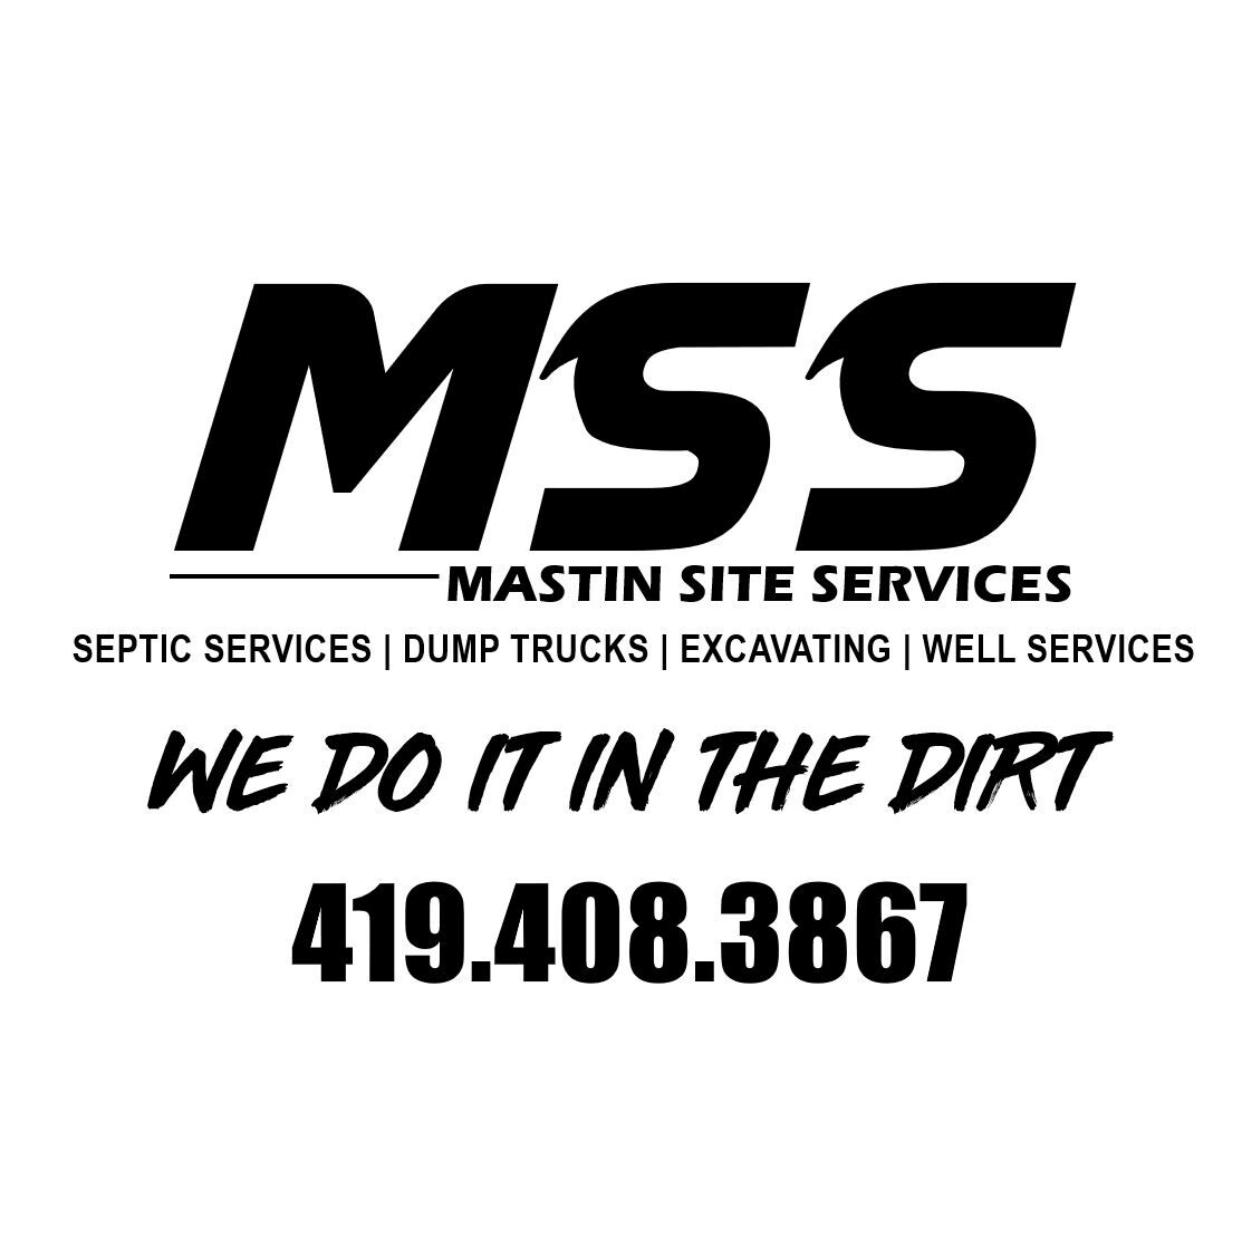 MSS | Mastin Site Services